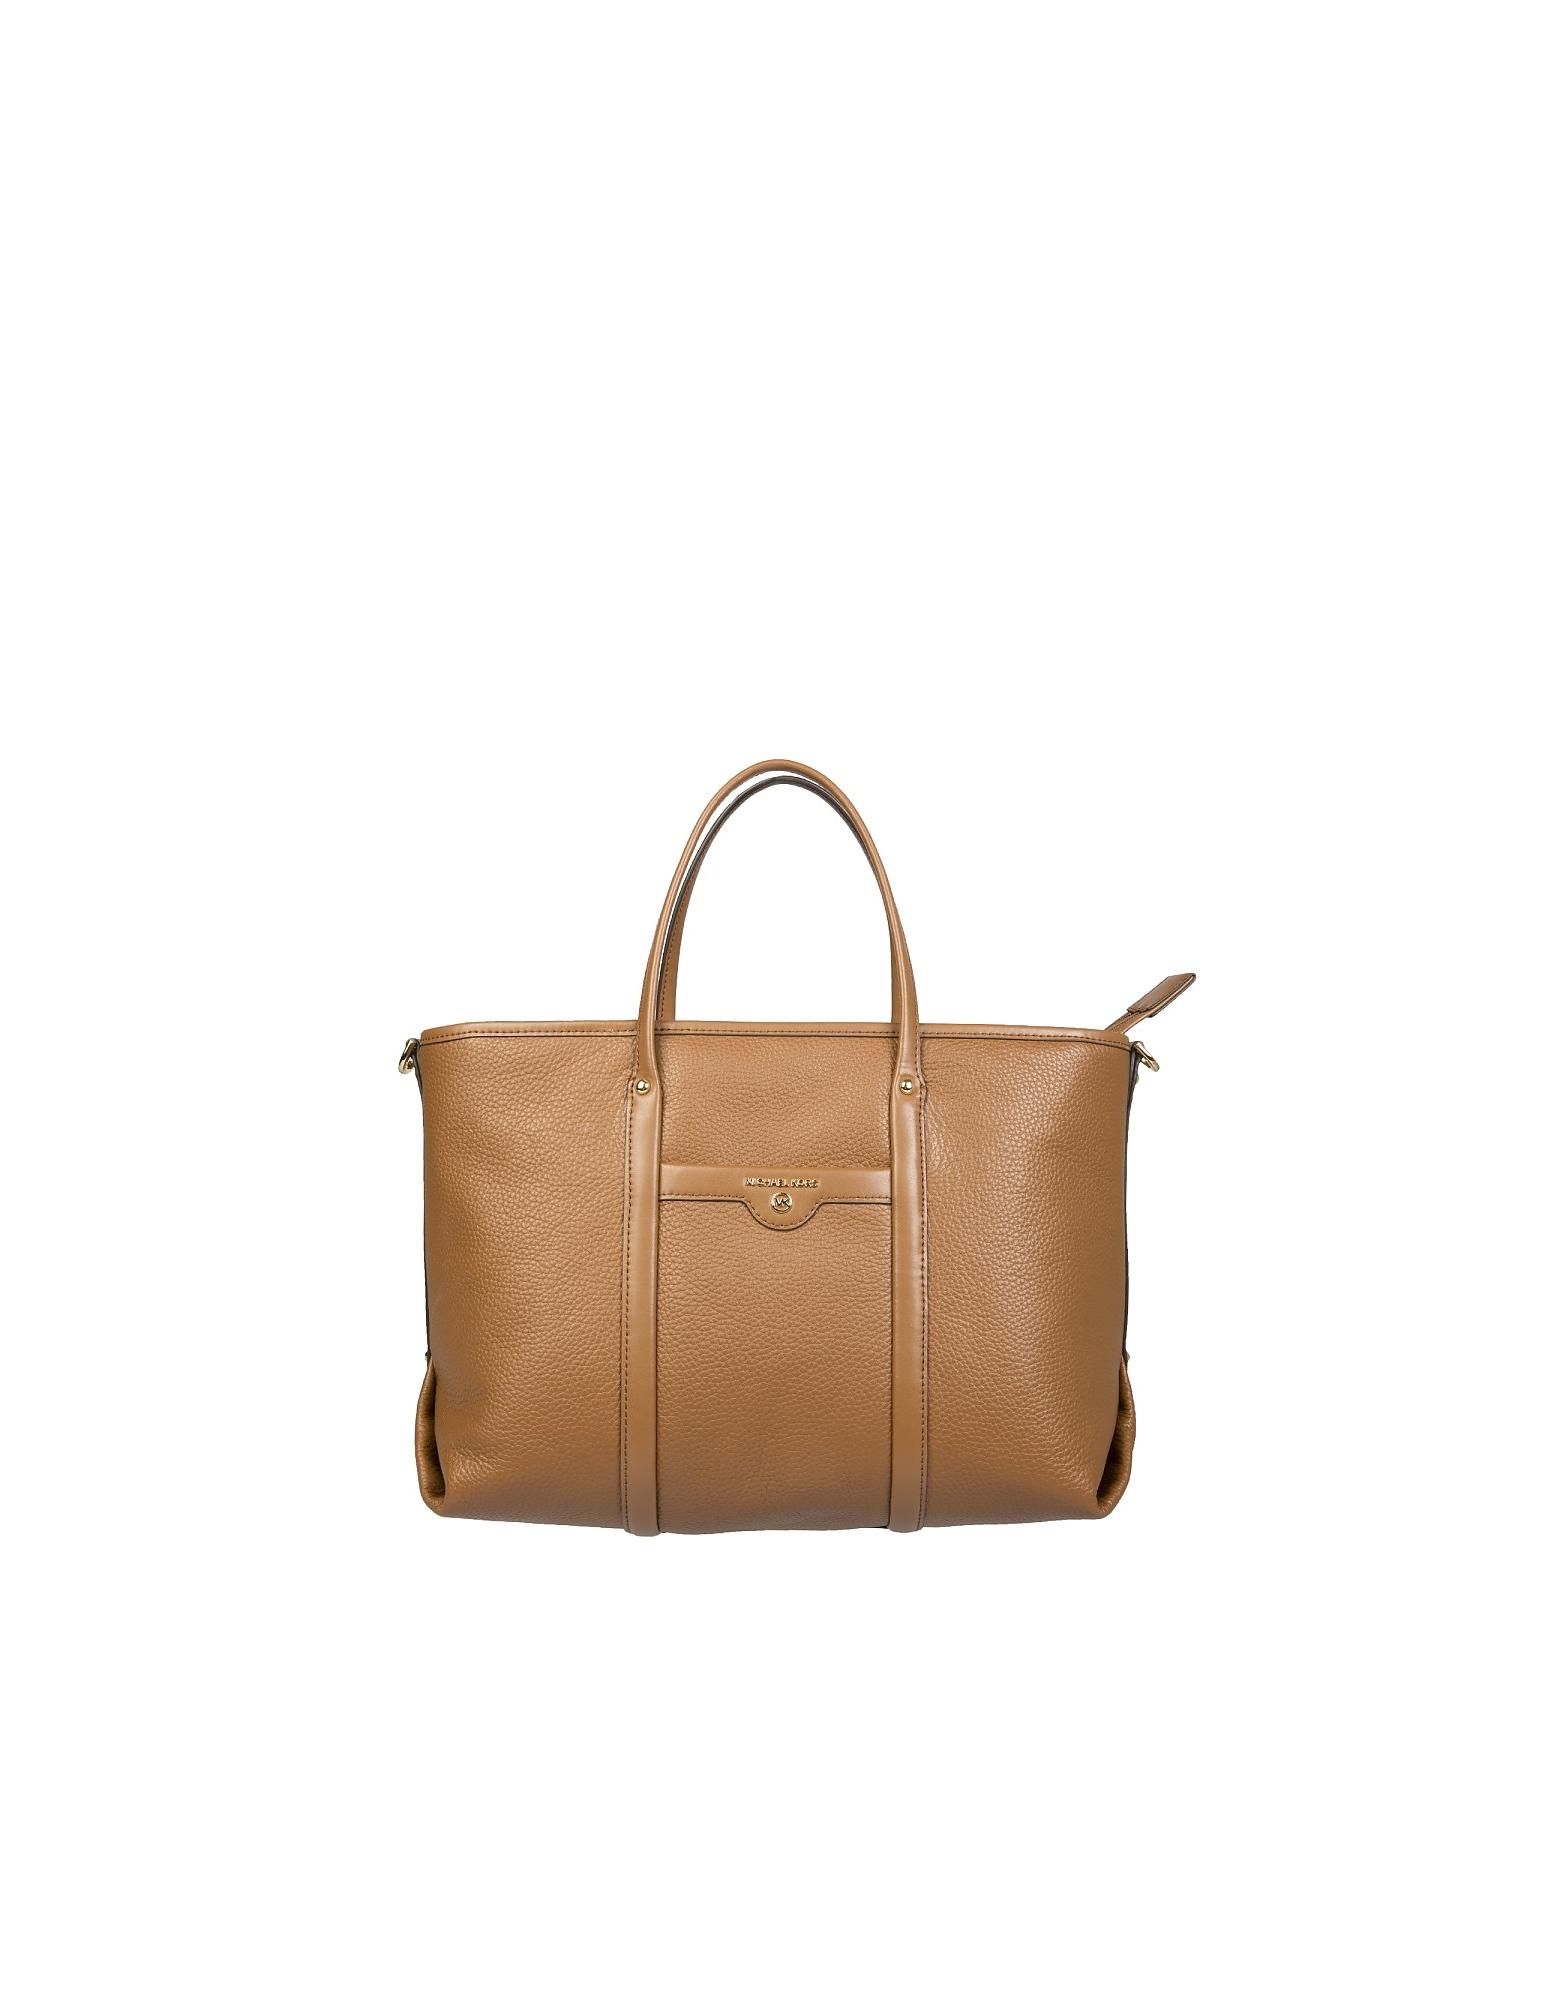 Michael Kors 手袋, Medium Beck Tote Bag